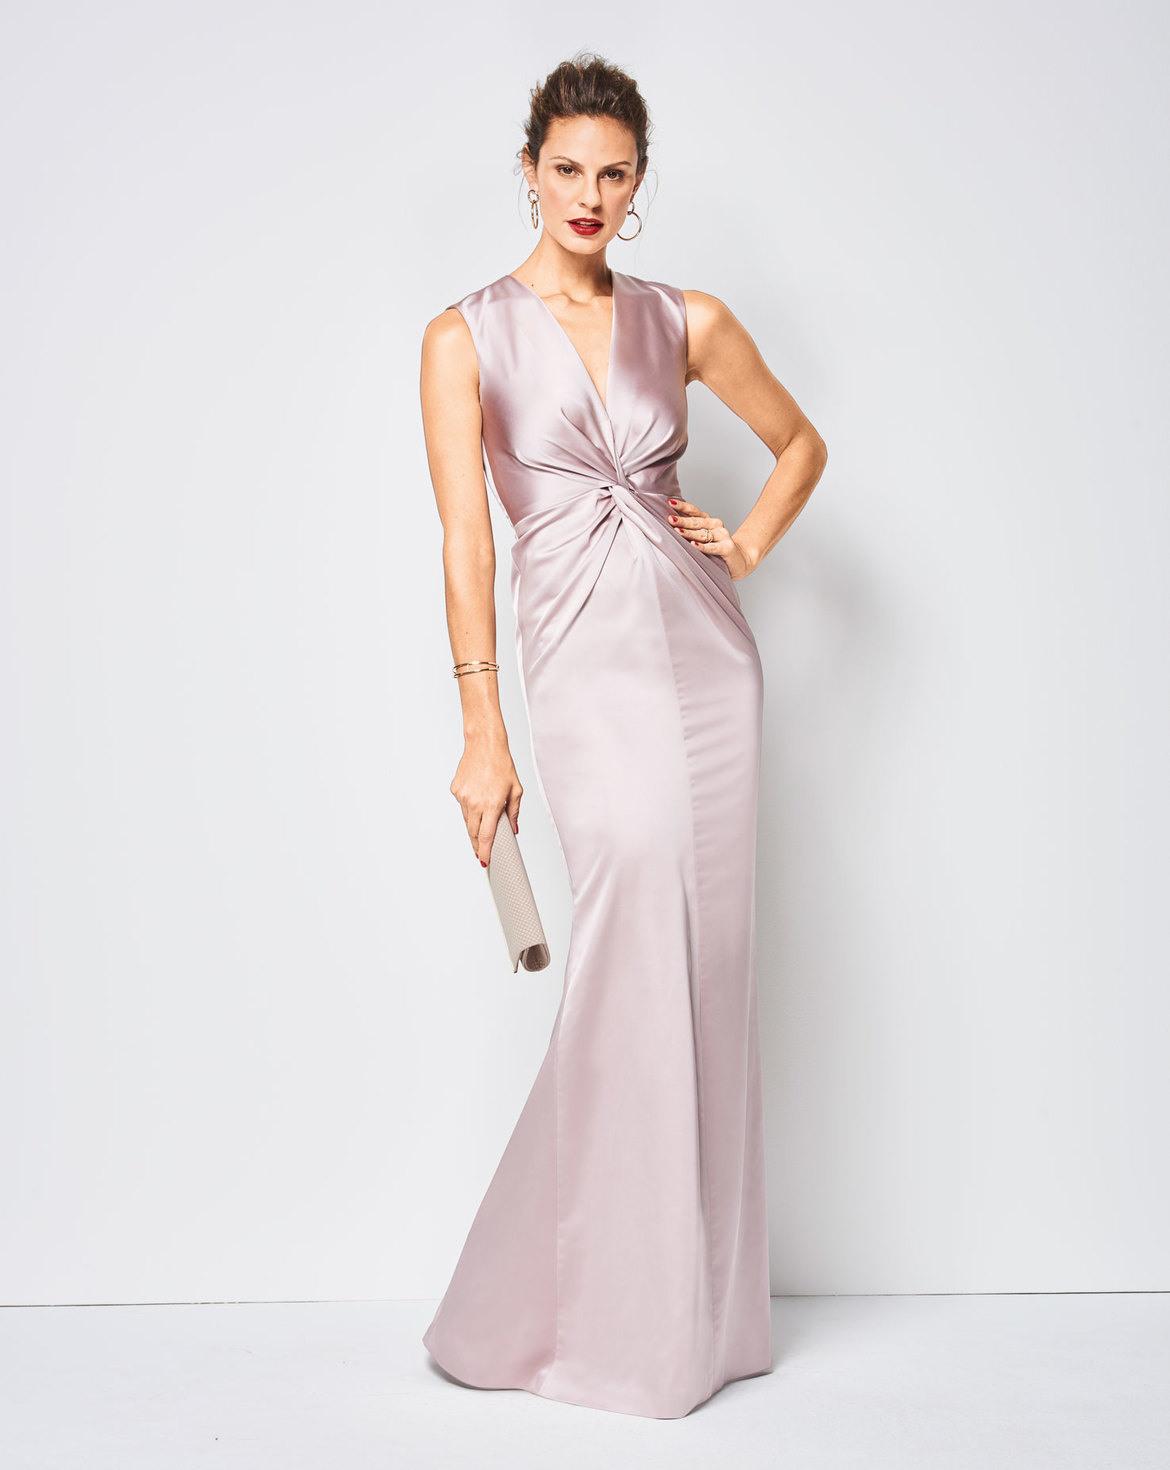 Formal Wunderbar Abendkleid Junge Mode Spezialgebiet15 Perfekt Abendkleid Junge Mode für 2019